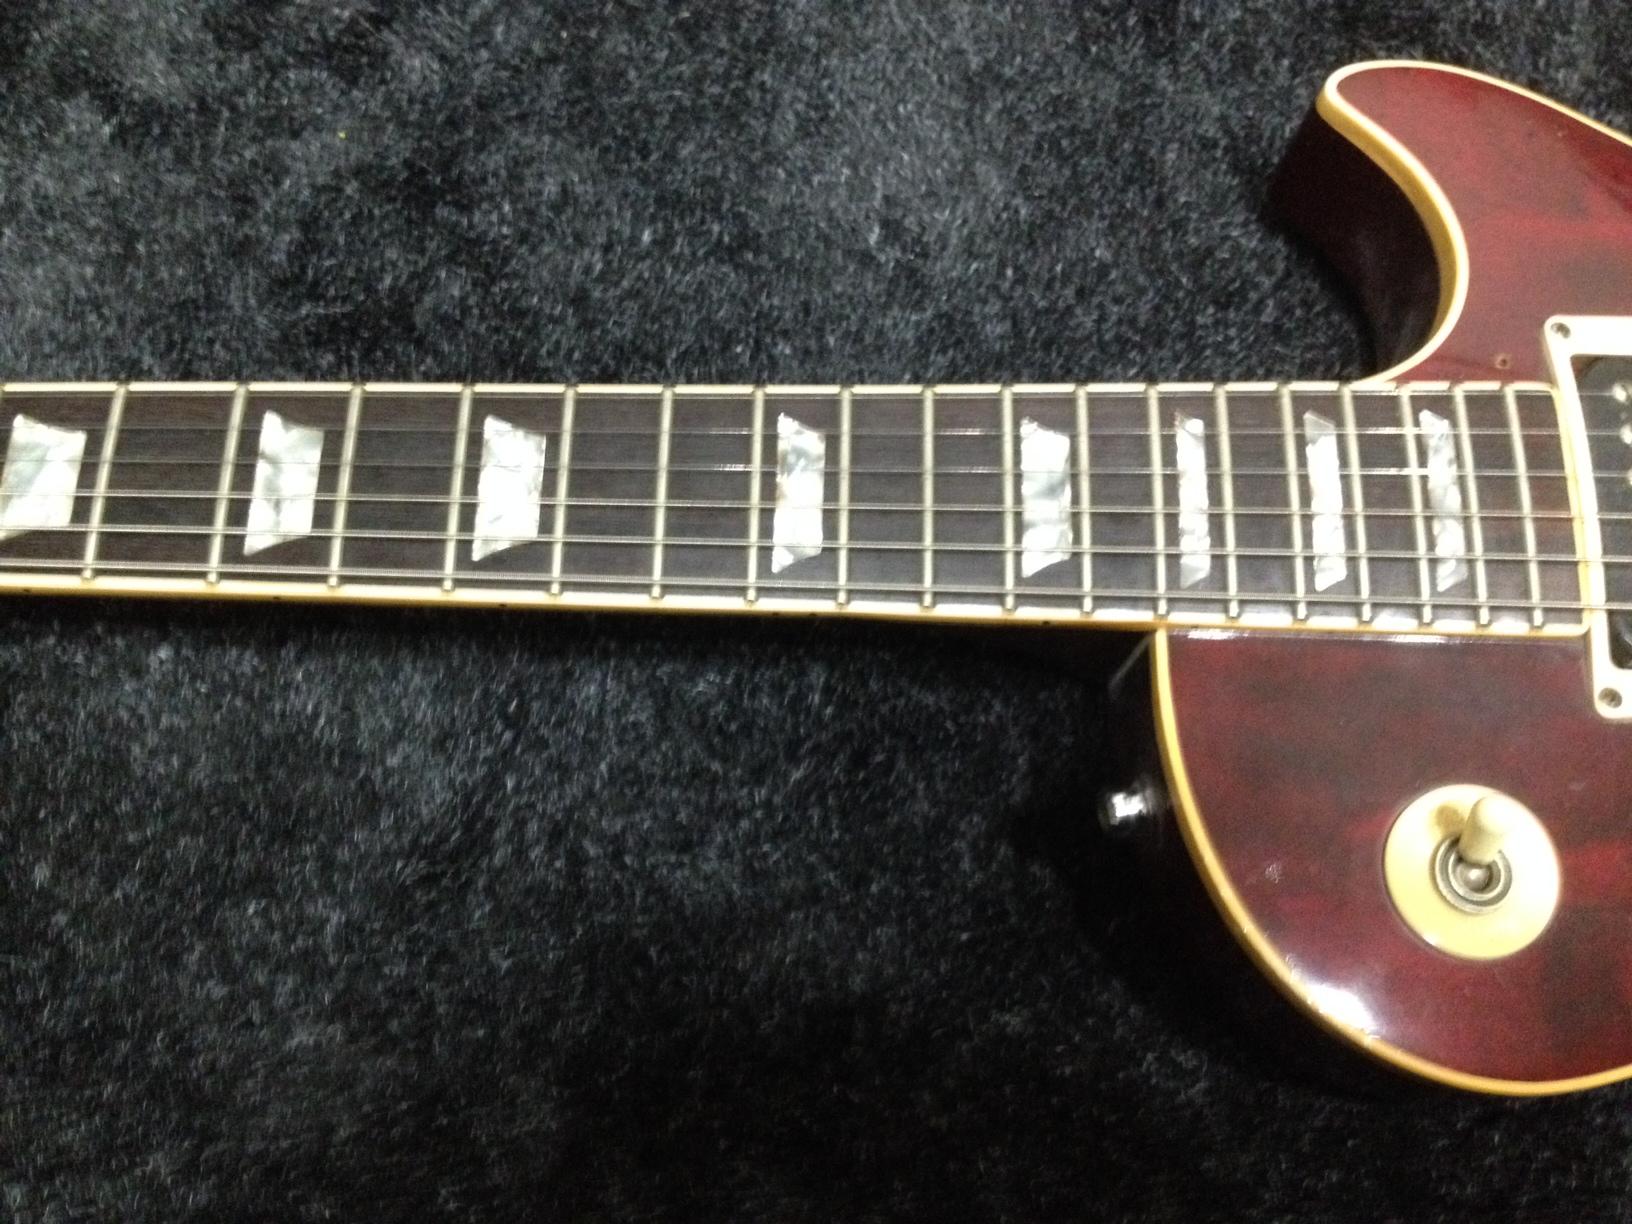 [レビュー] エレキギター:Gibson レスポールスタンダードについて